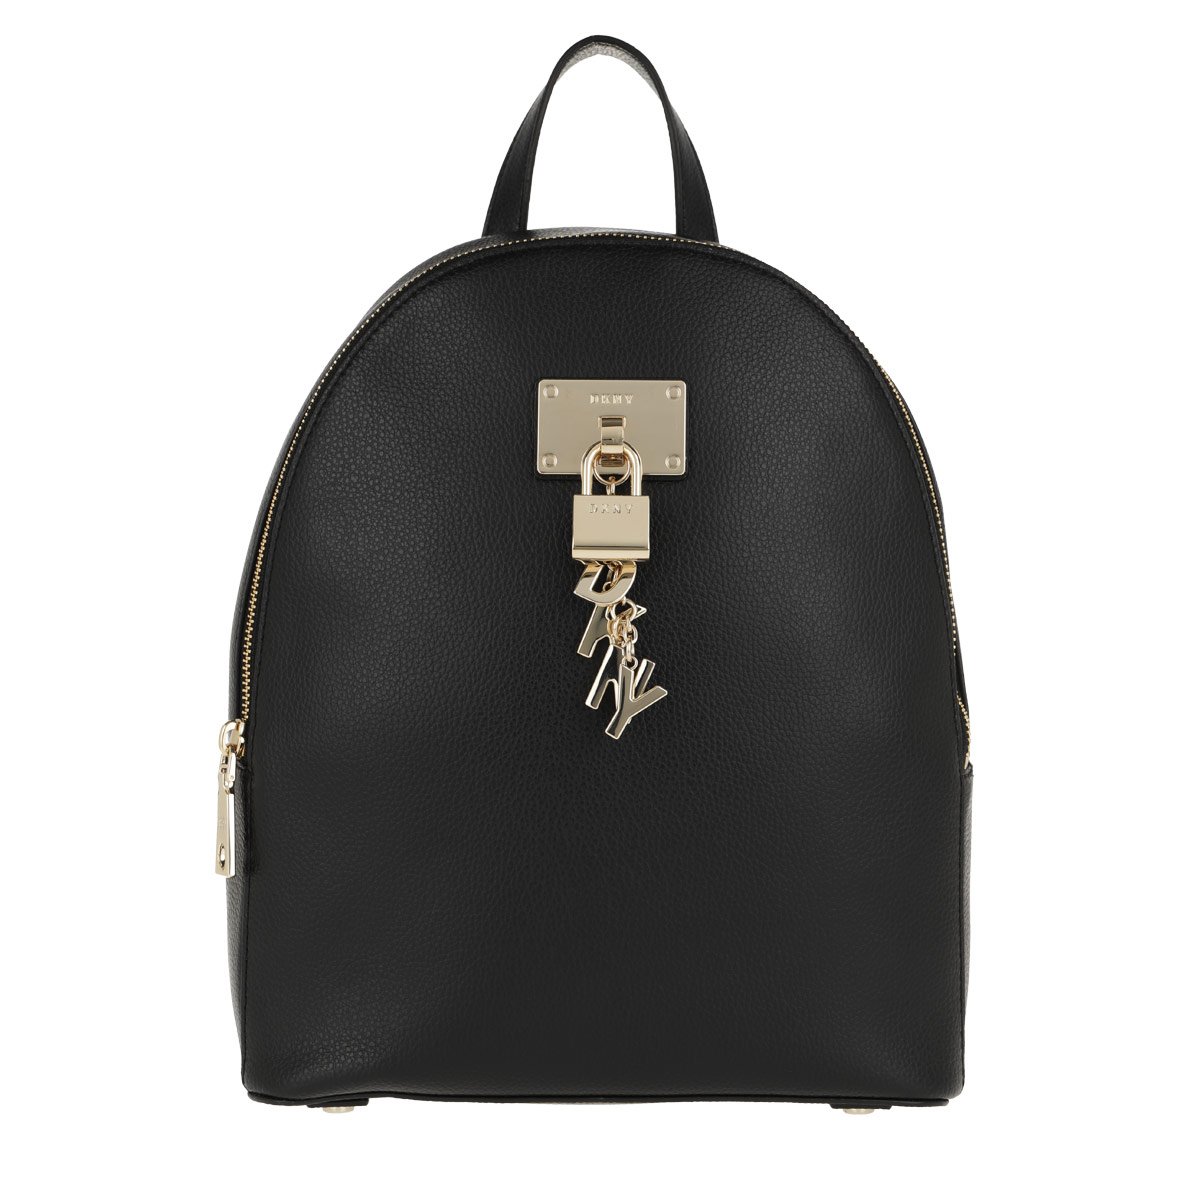 DKNY Rucksack - Elissa MD Backpack Black/Gold - in schwarz - für Damen